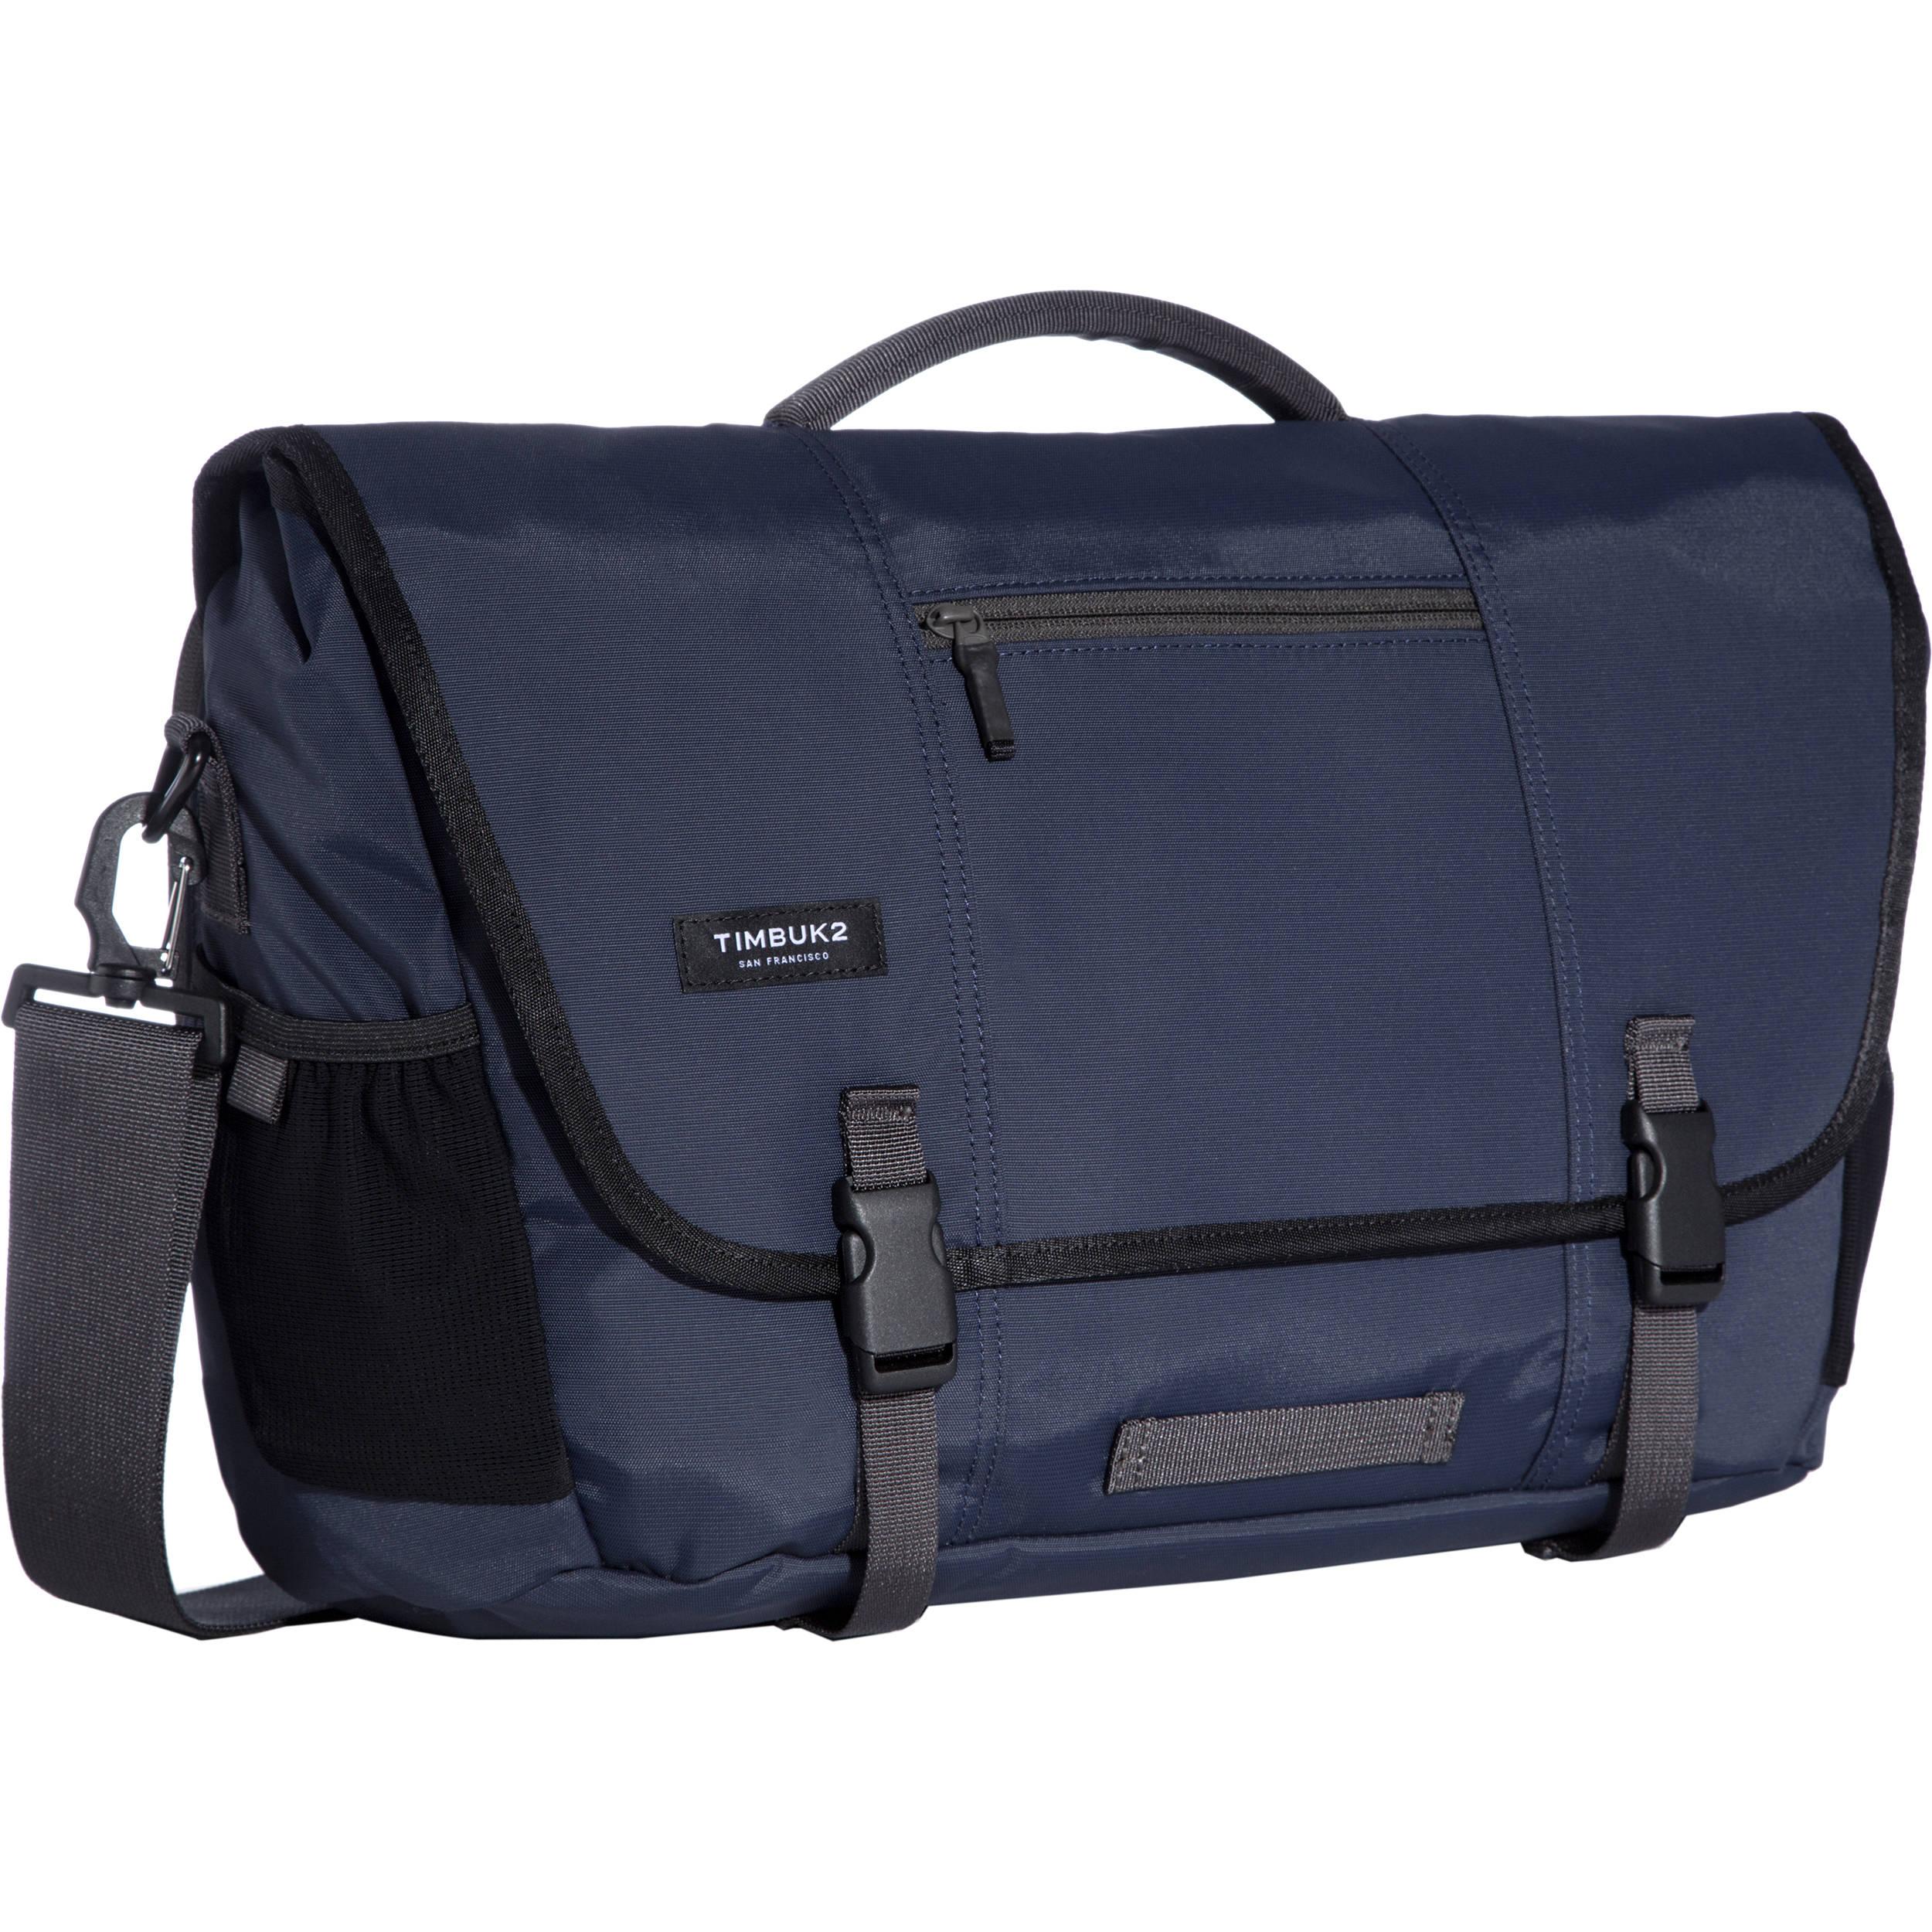 Massenger Bag